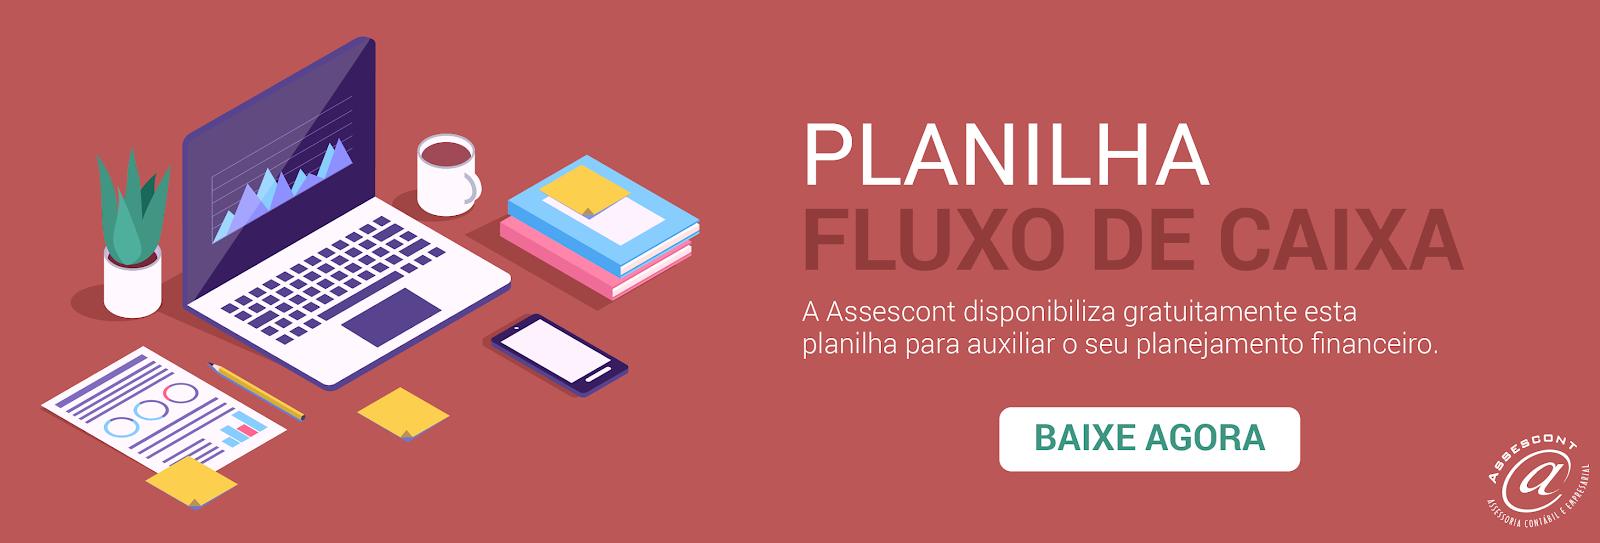 planilha-gratuita-fluxo-de-caixa